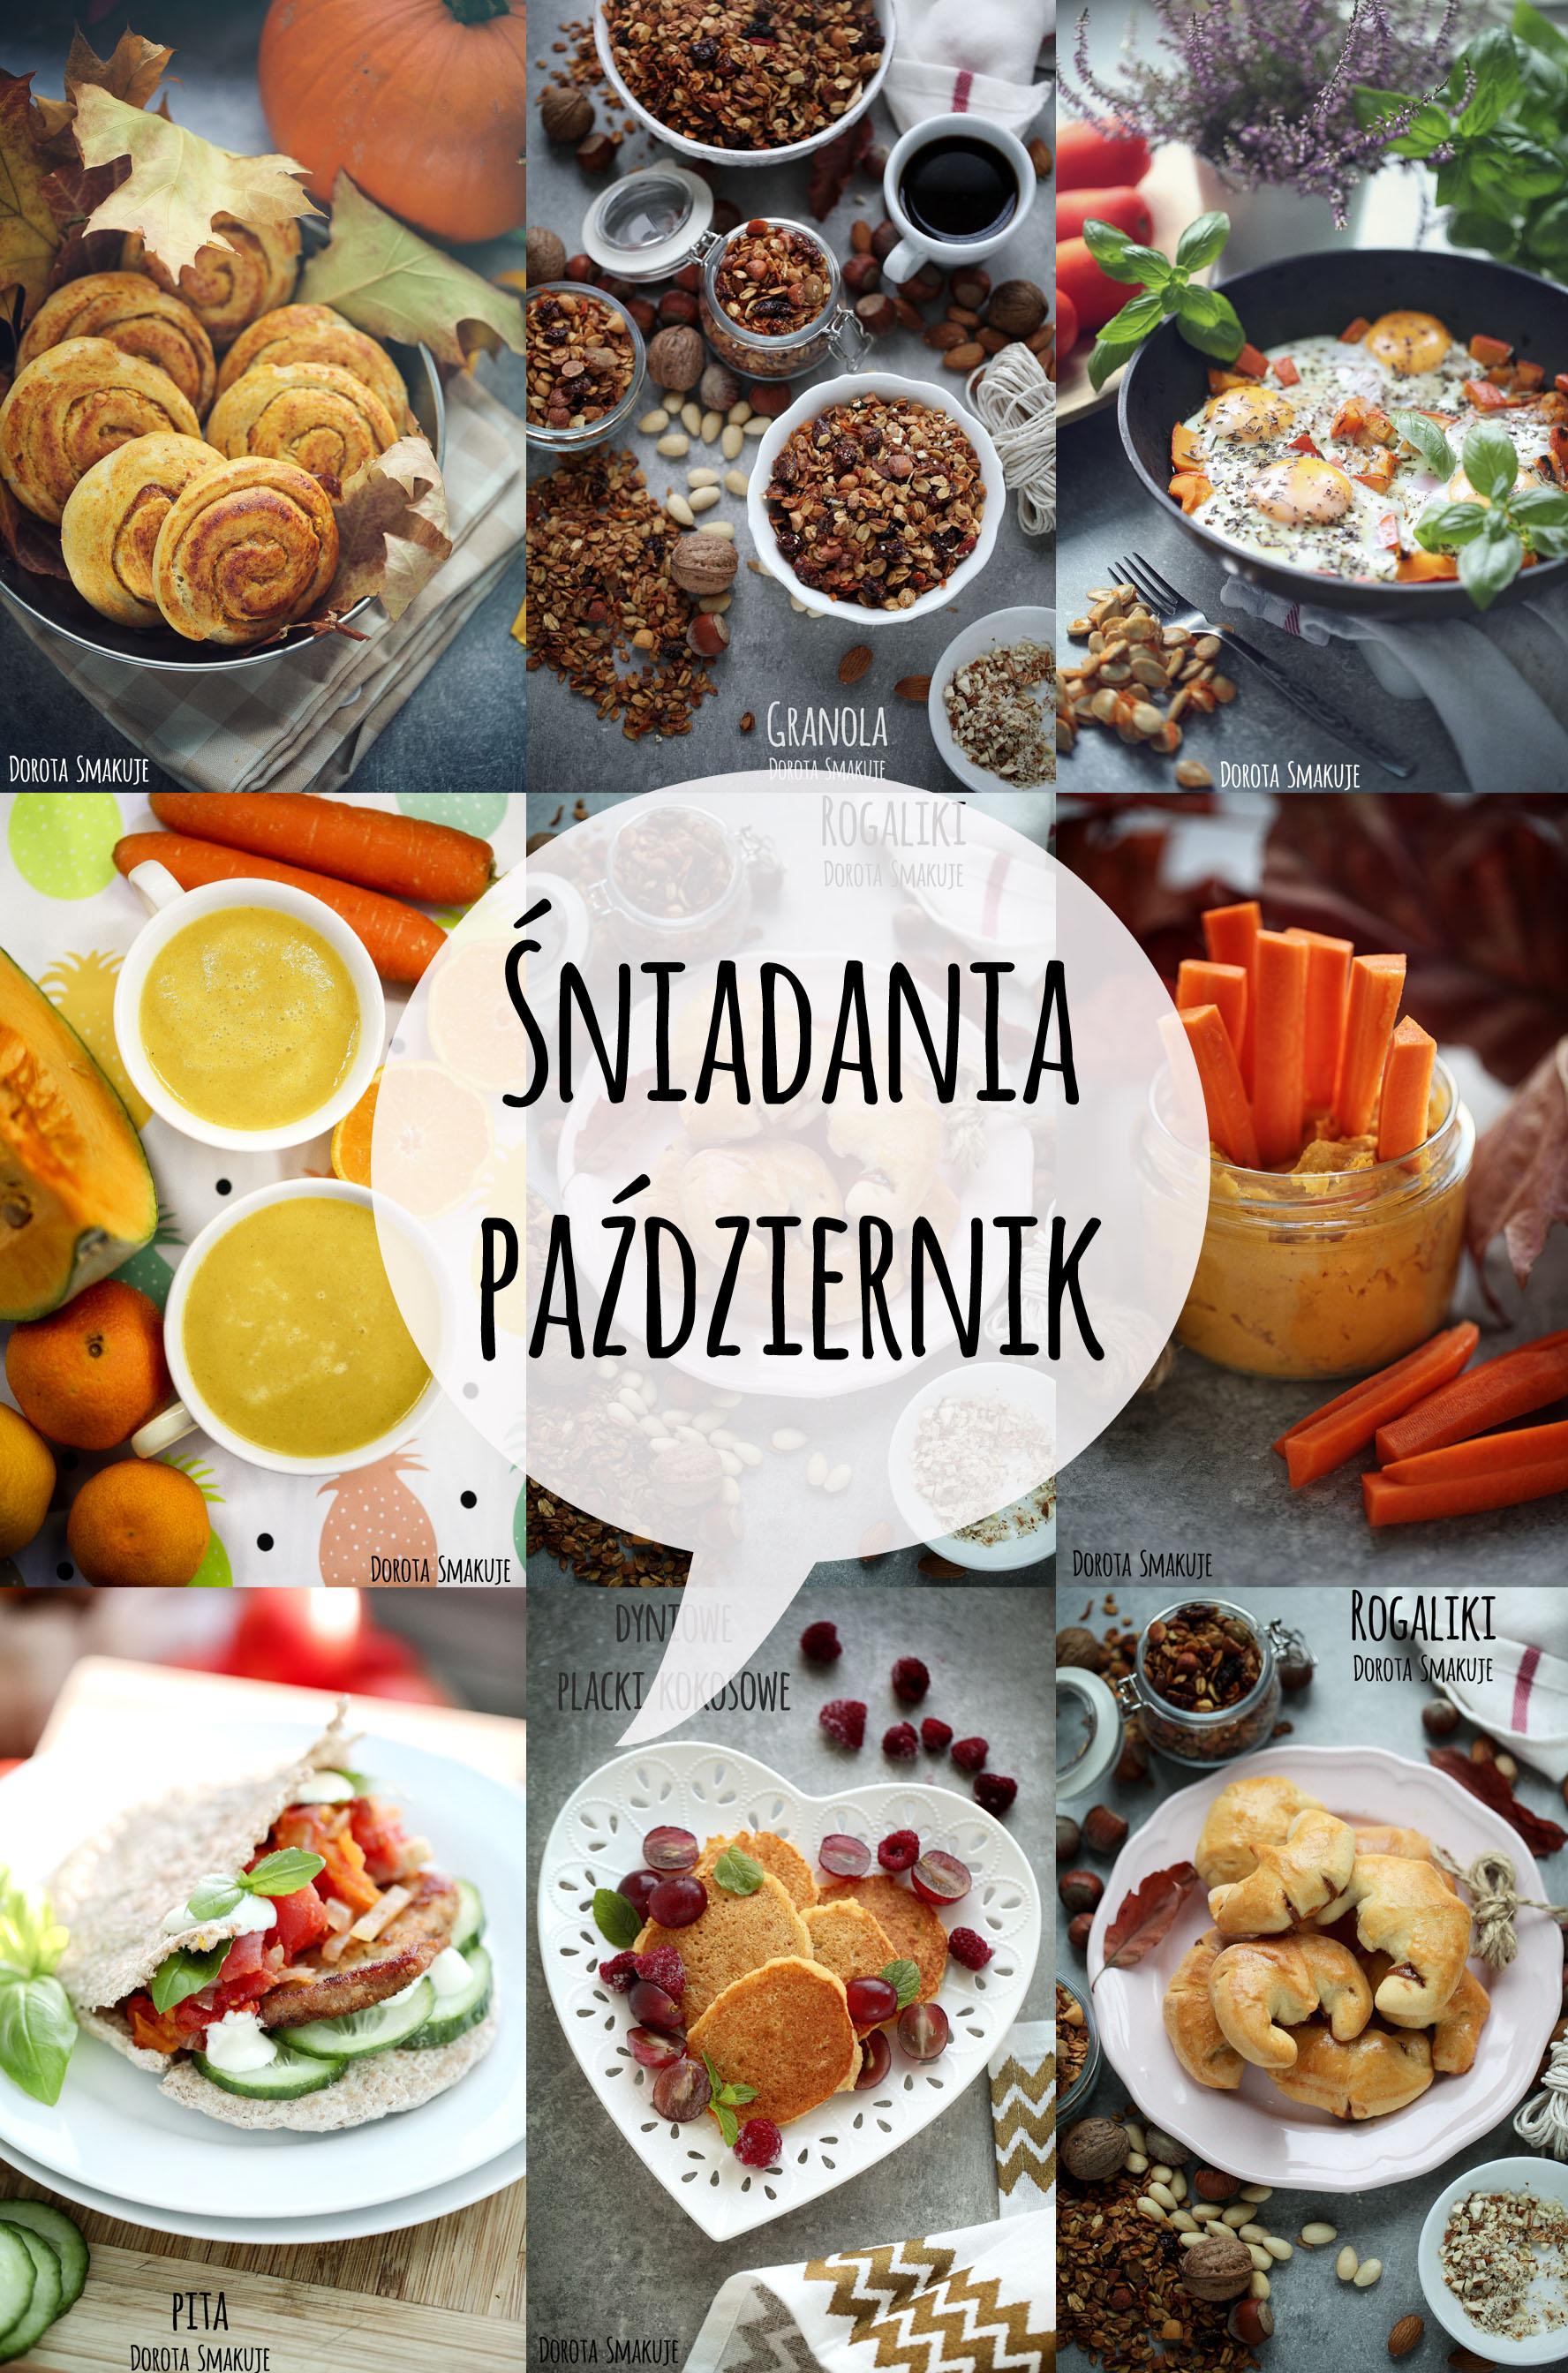 Pomysły na śniadania w Październiku